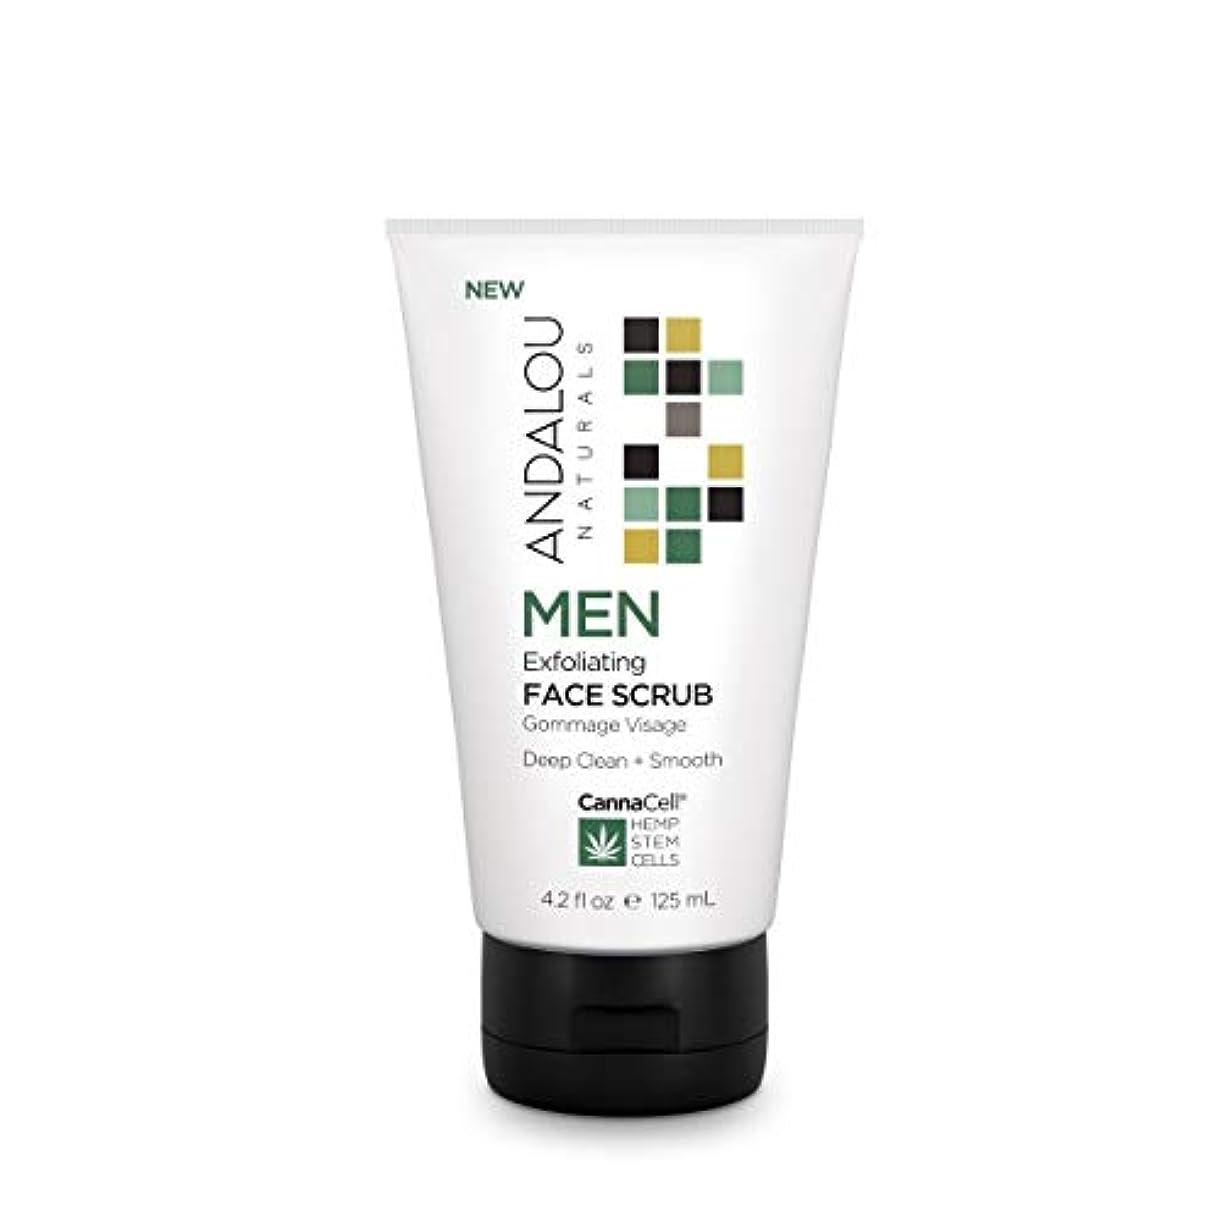 賞で出来ている国籍オーガニック ボタニカル 洗顔料 スクラブ洗顔 ナチュラル フルーツ幹細胞 ヘンプ幹細胞 「 MEN エクスフォリエーティングフェイススクラブ 」 ANDALOU naturals アンダルー ナチュラルズ